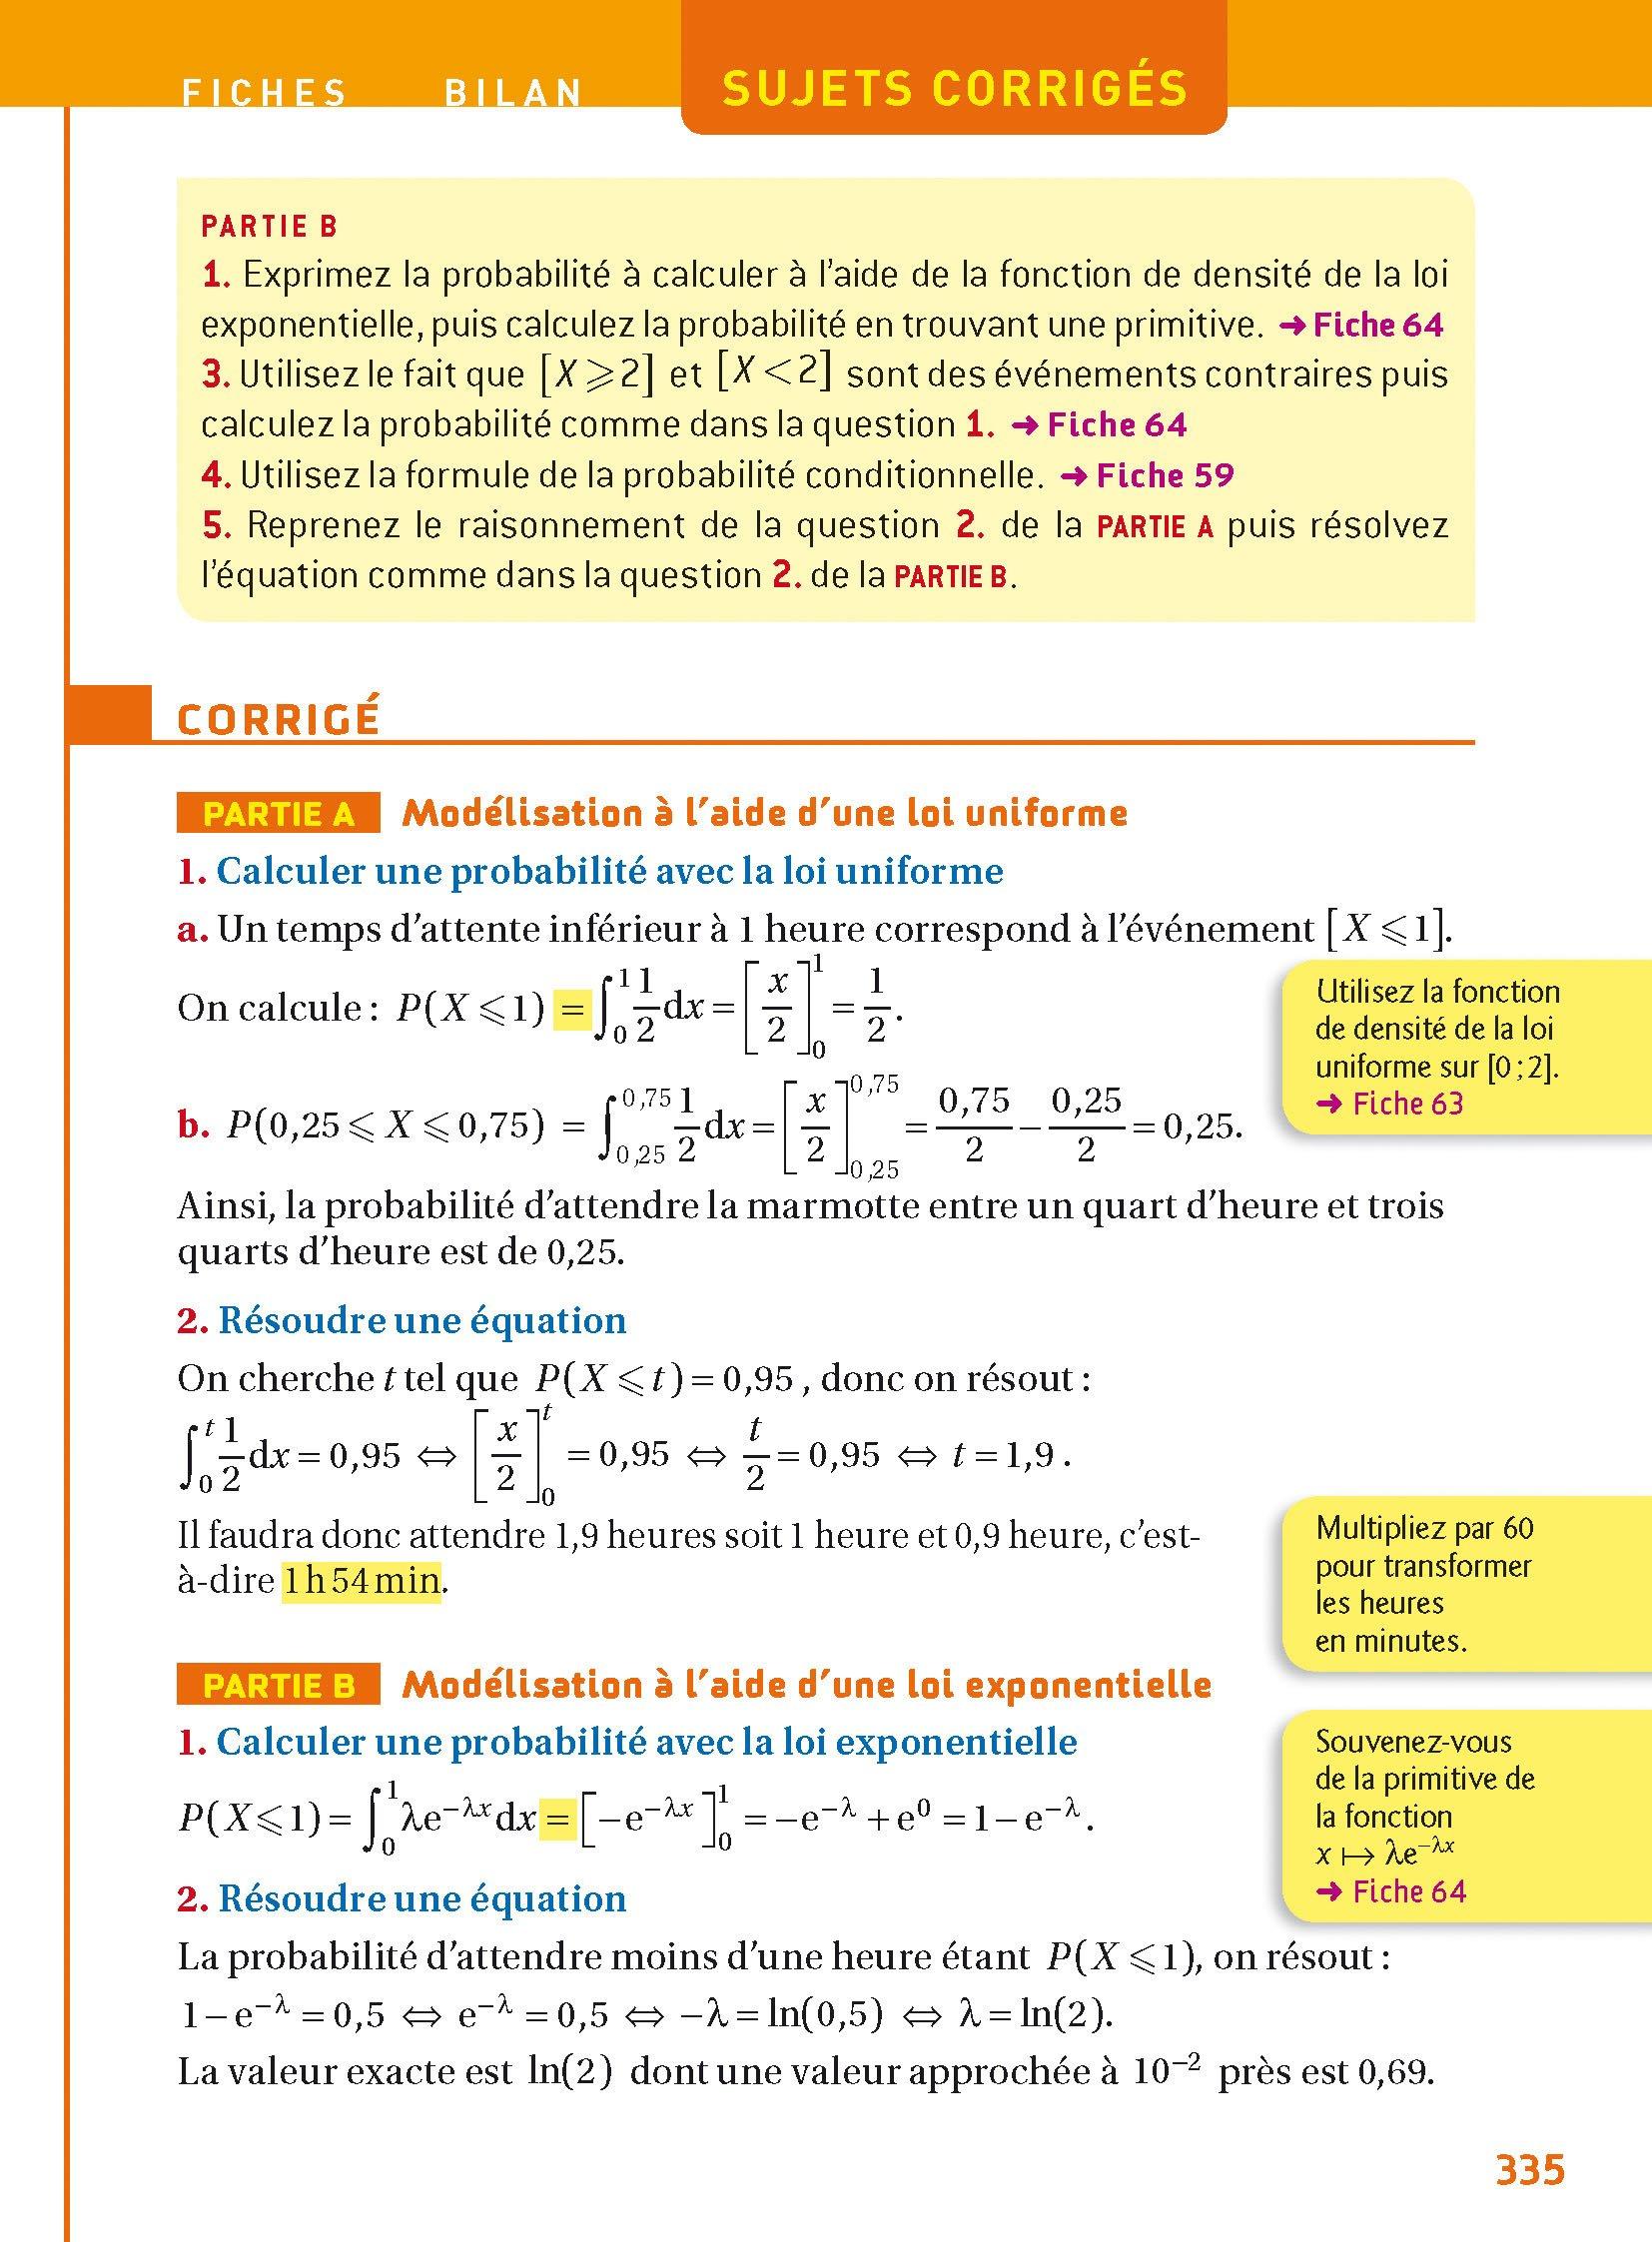 Maths Tle S Enseignement spécifique - Prépabac Réussir lexamen: Cours et sujets corrigés bac - Terminale S: Amazon.es: Ludovic Alasseur, Franck Ellul, ...